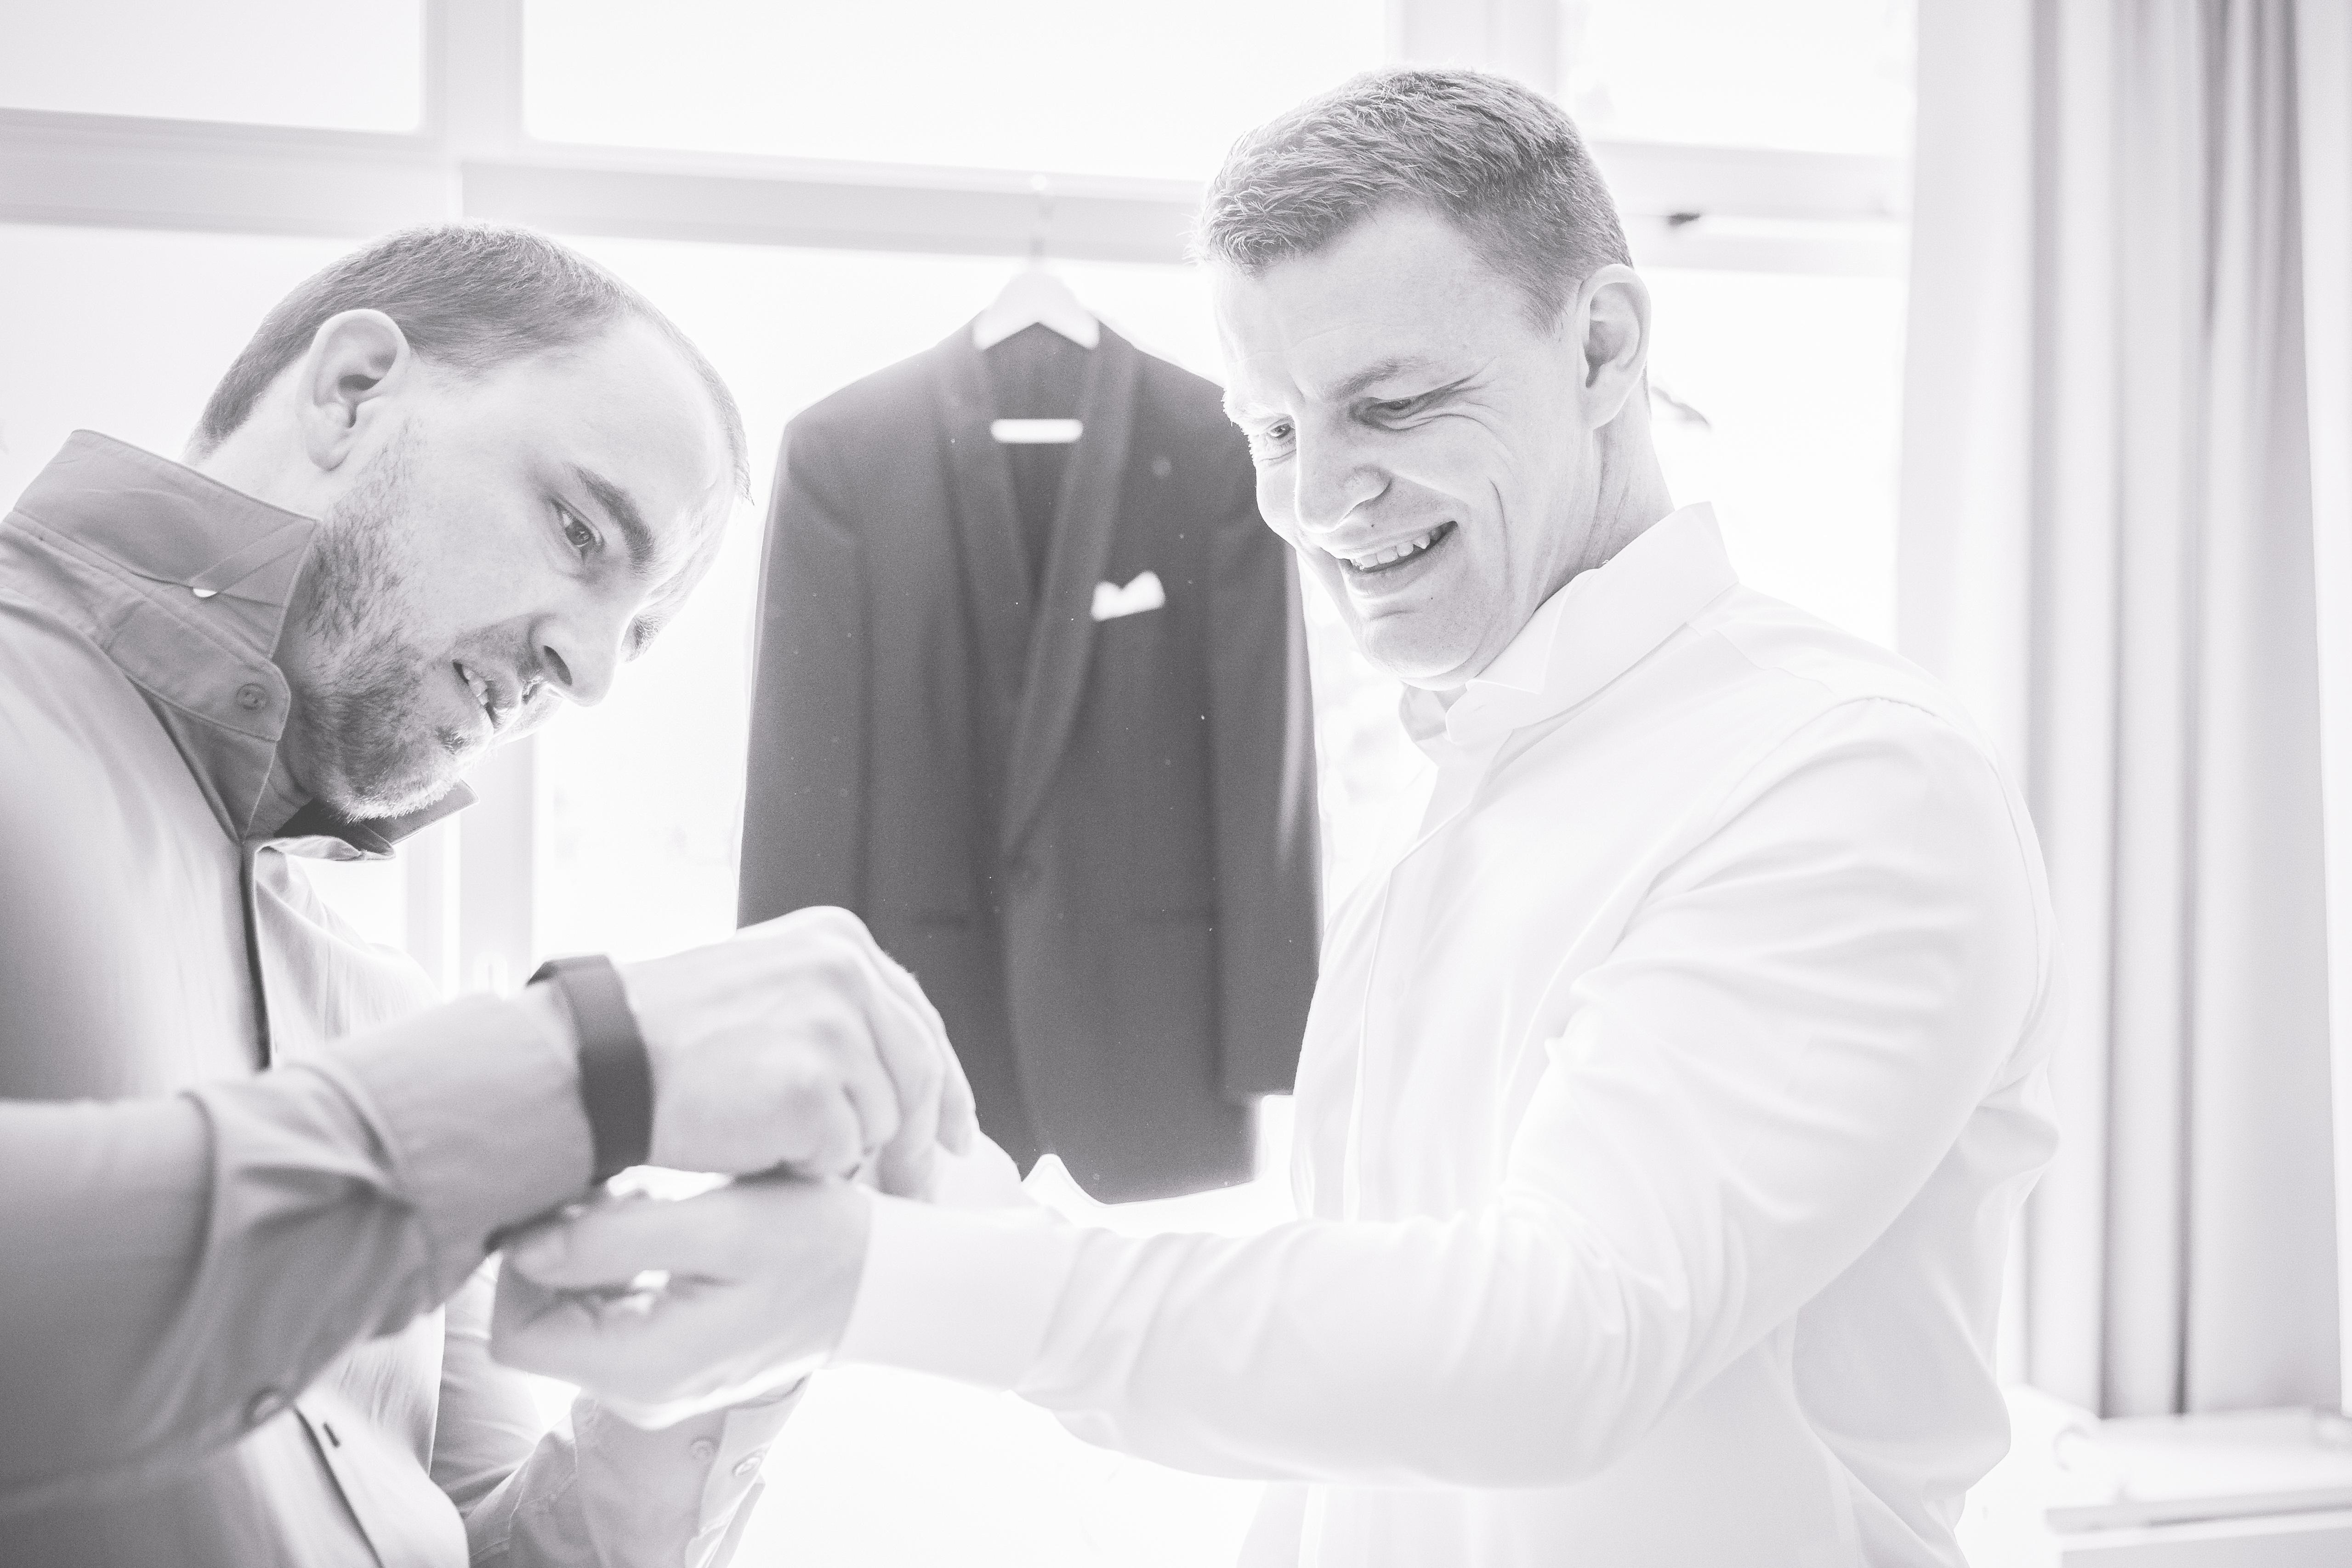 Der Bruder hilft dem Bräutigam beim Anlegen der Manschettenknöpfe.